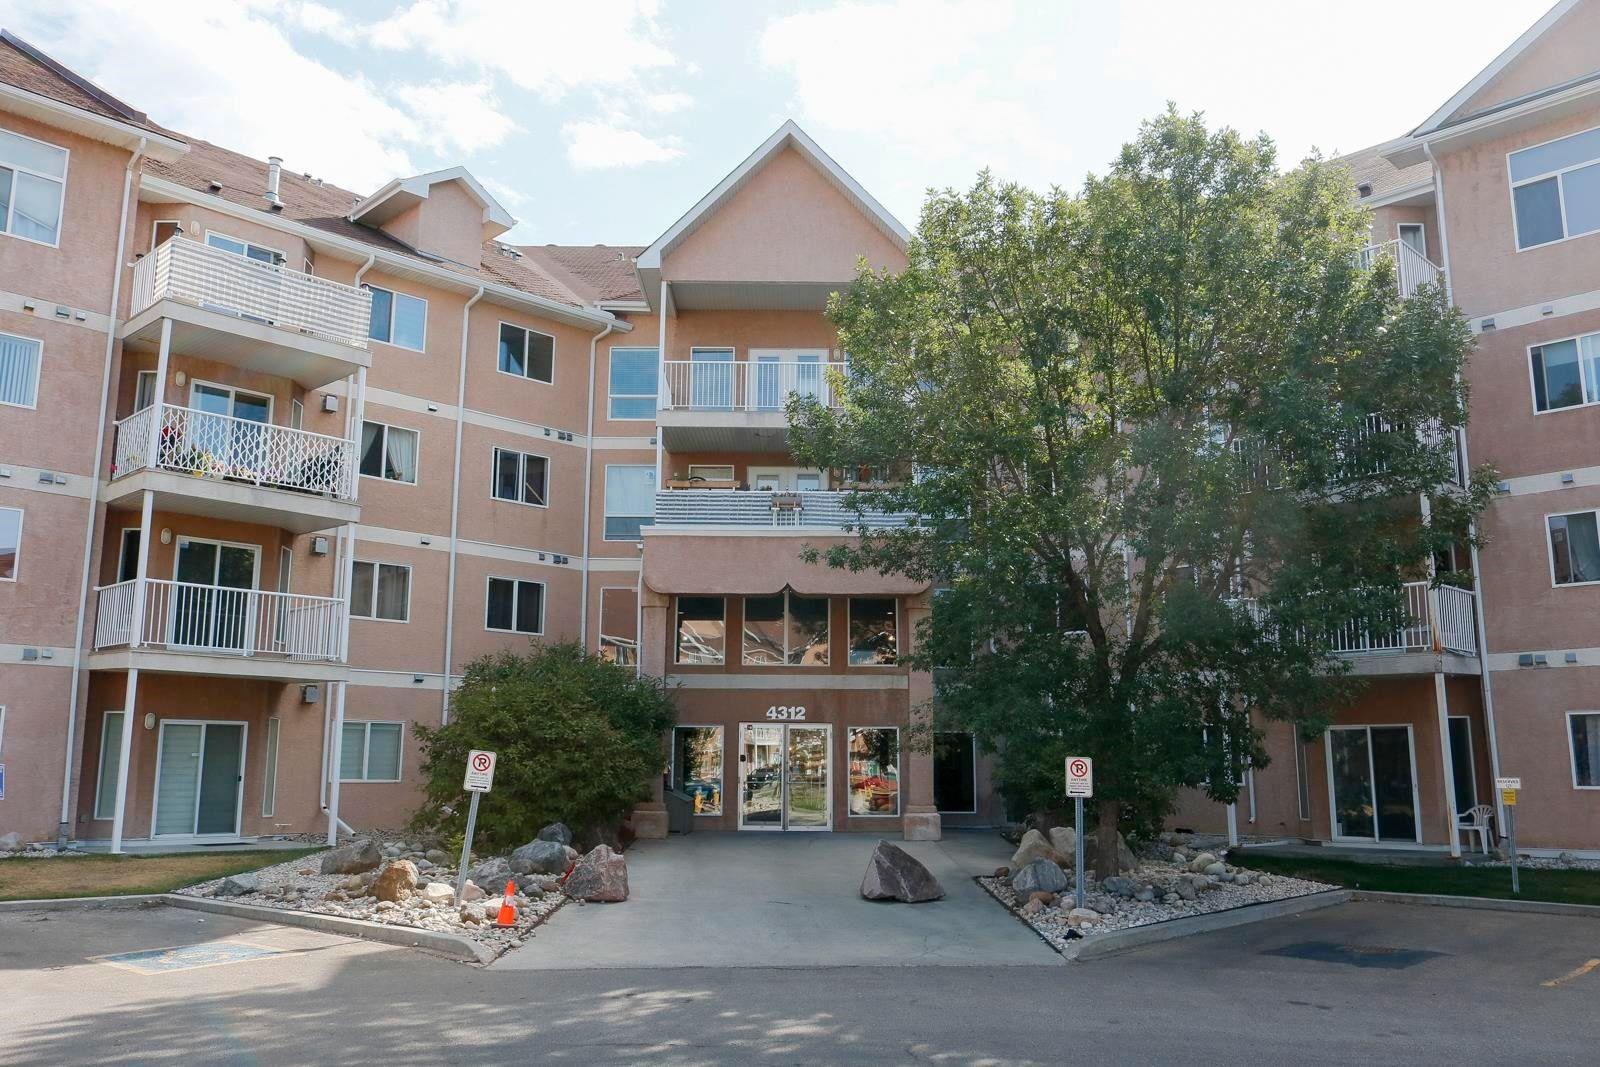 Main Photo: 113 4312 139 Avenue in Edmonton: Zone 35 Condo for sale : MLS®# E4265240